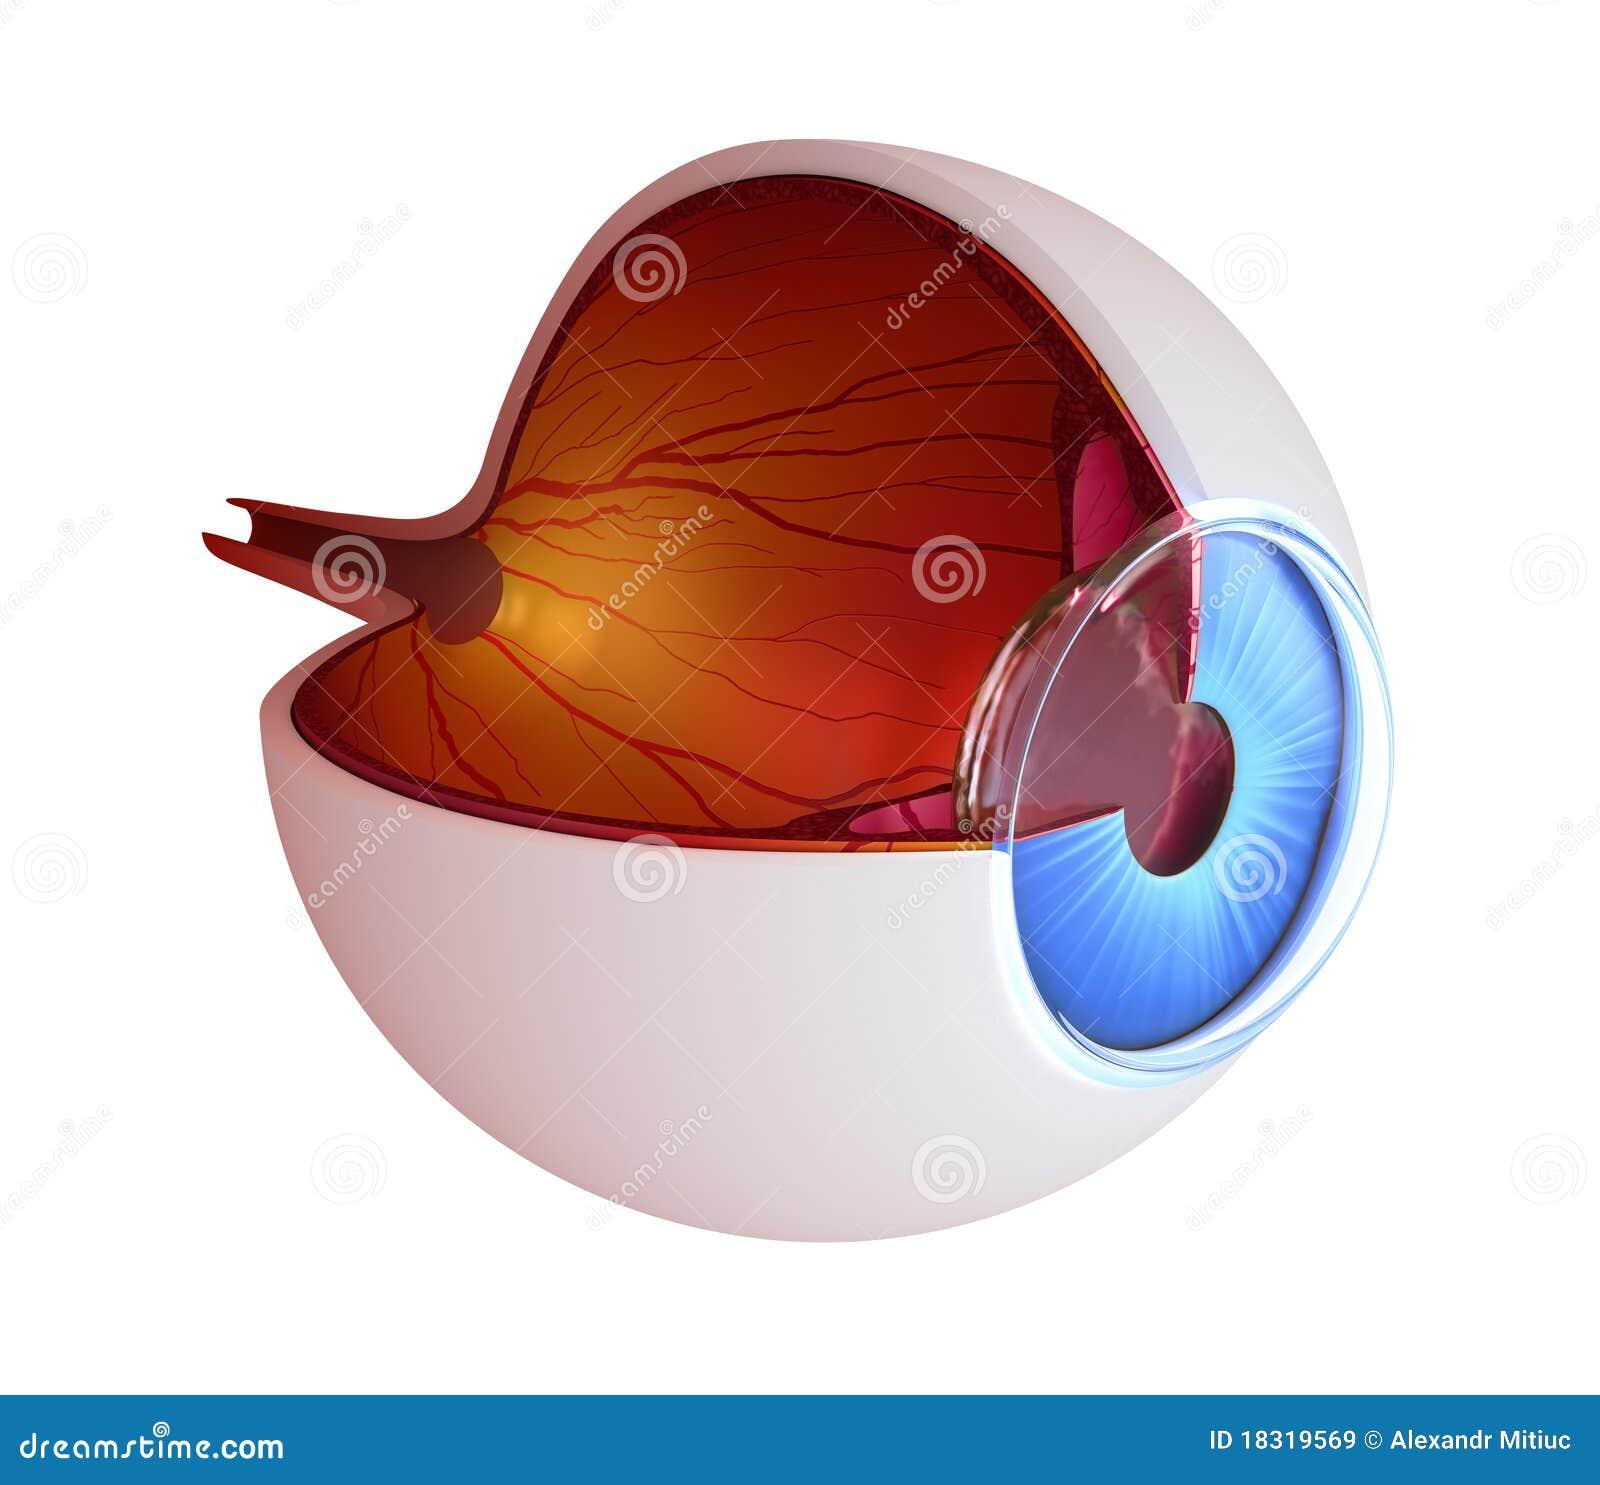 De anatomie van het oog - binnenstructuur